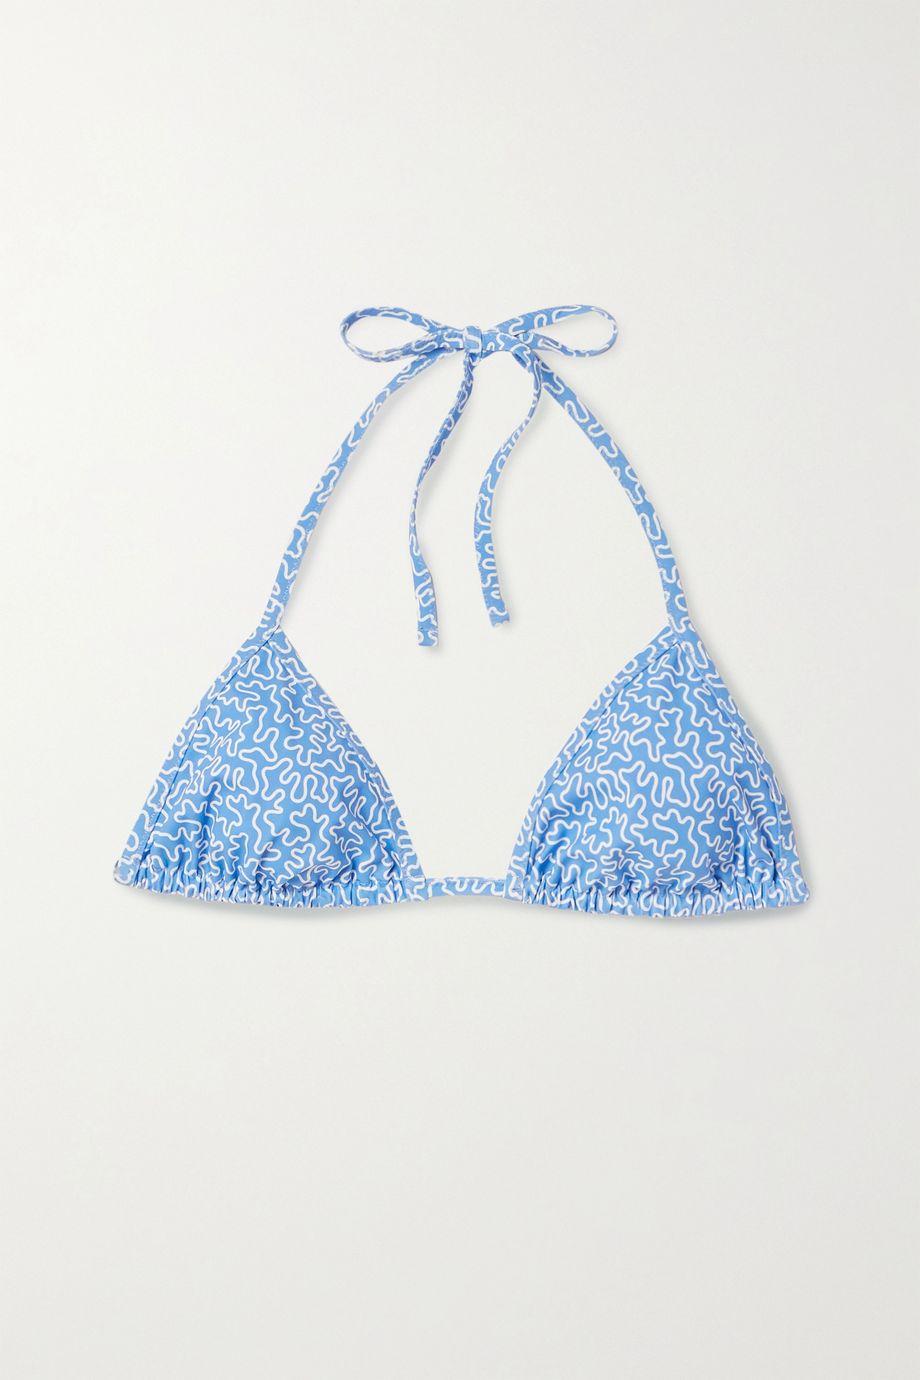 Fisch Dinzey printed triangle bikini top